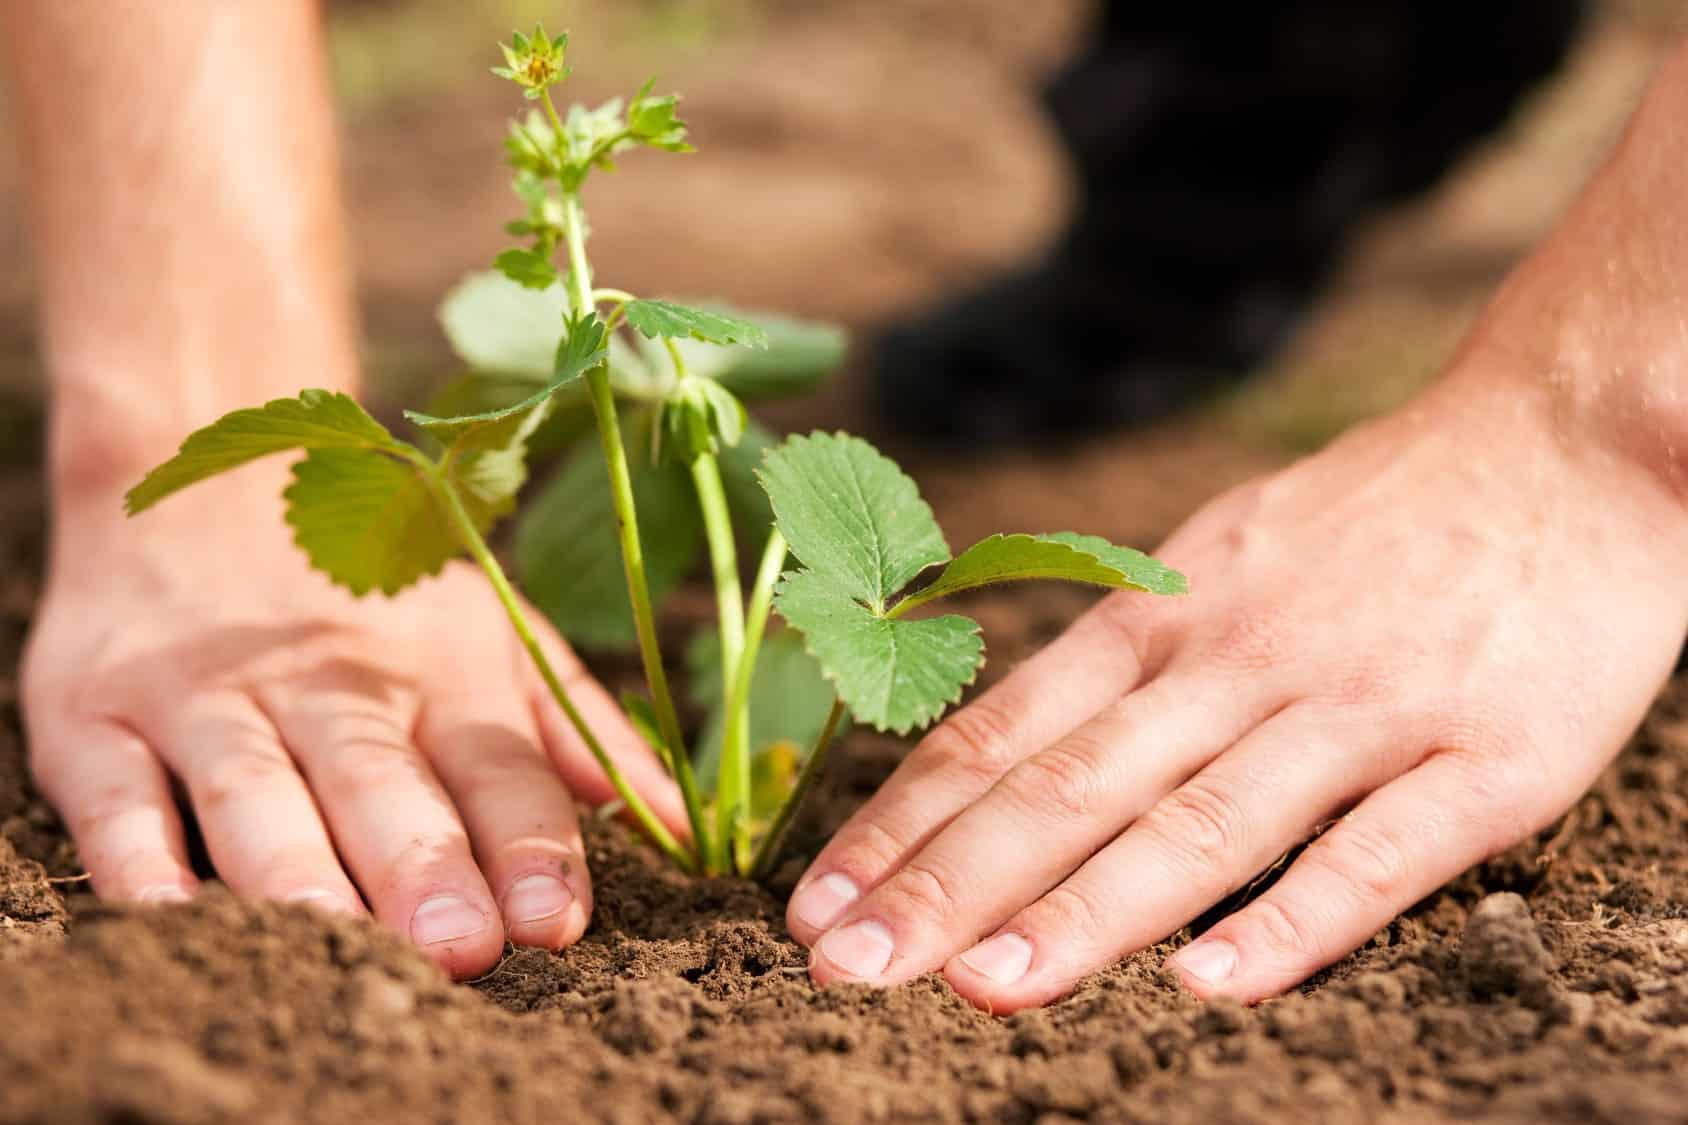 jardiner ss dépenser – Kzenon- Fotolia